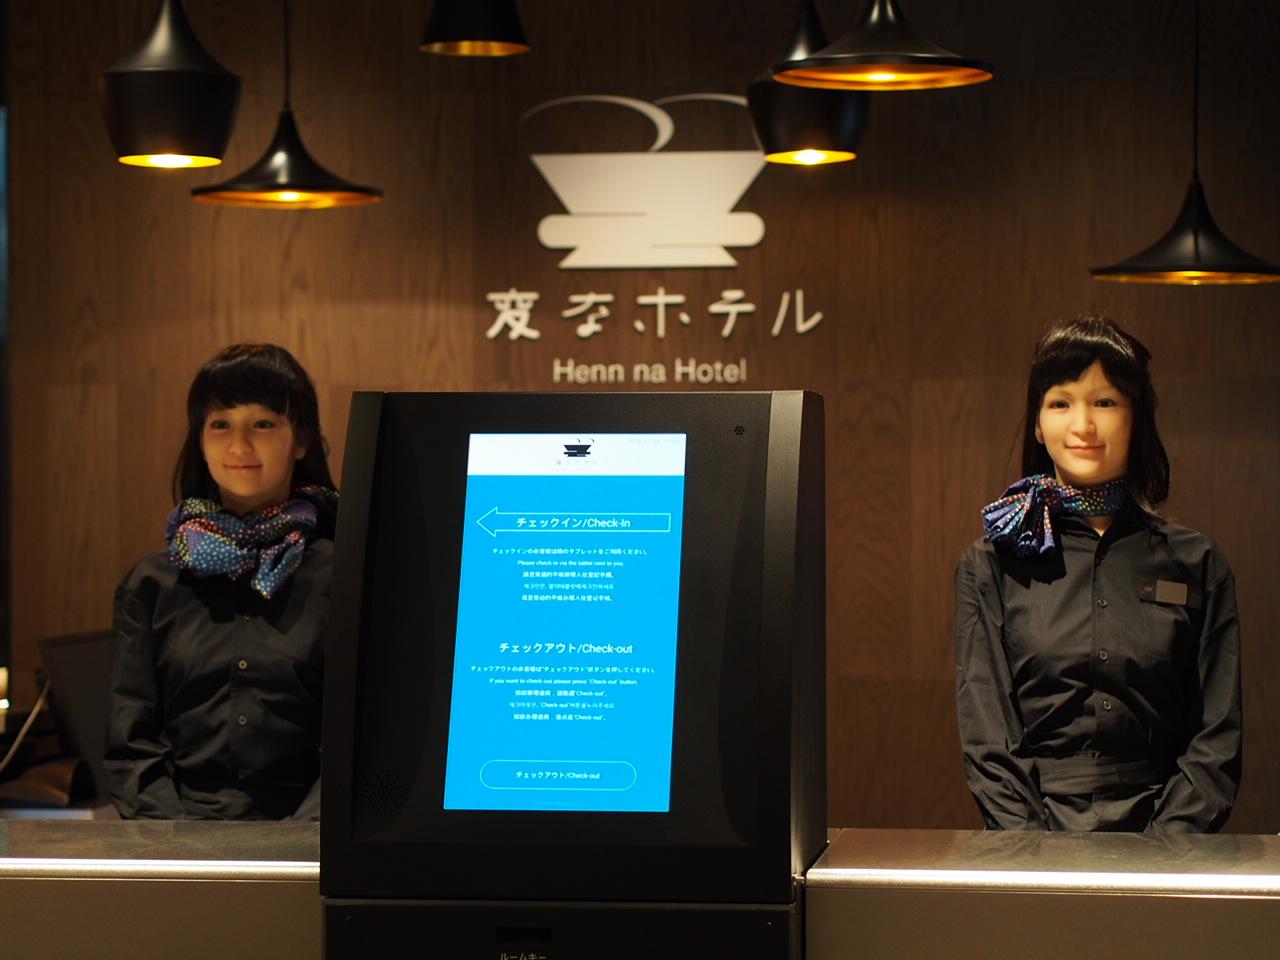 ロボットが接客する『変なホテル』が 銀座、浜松町など都内にも続々誕生